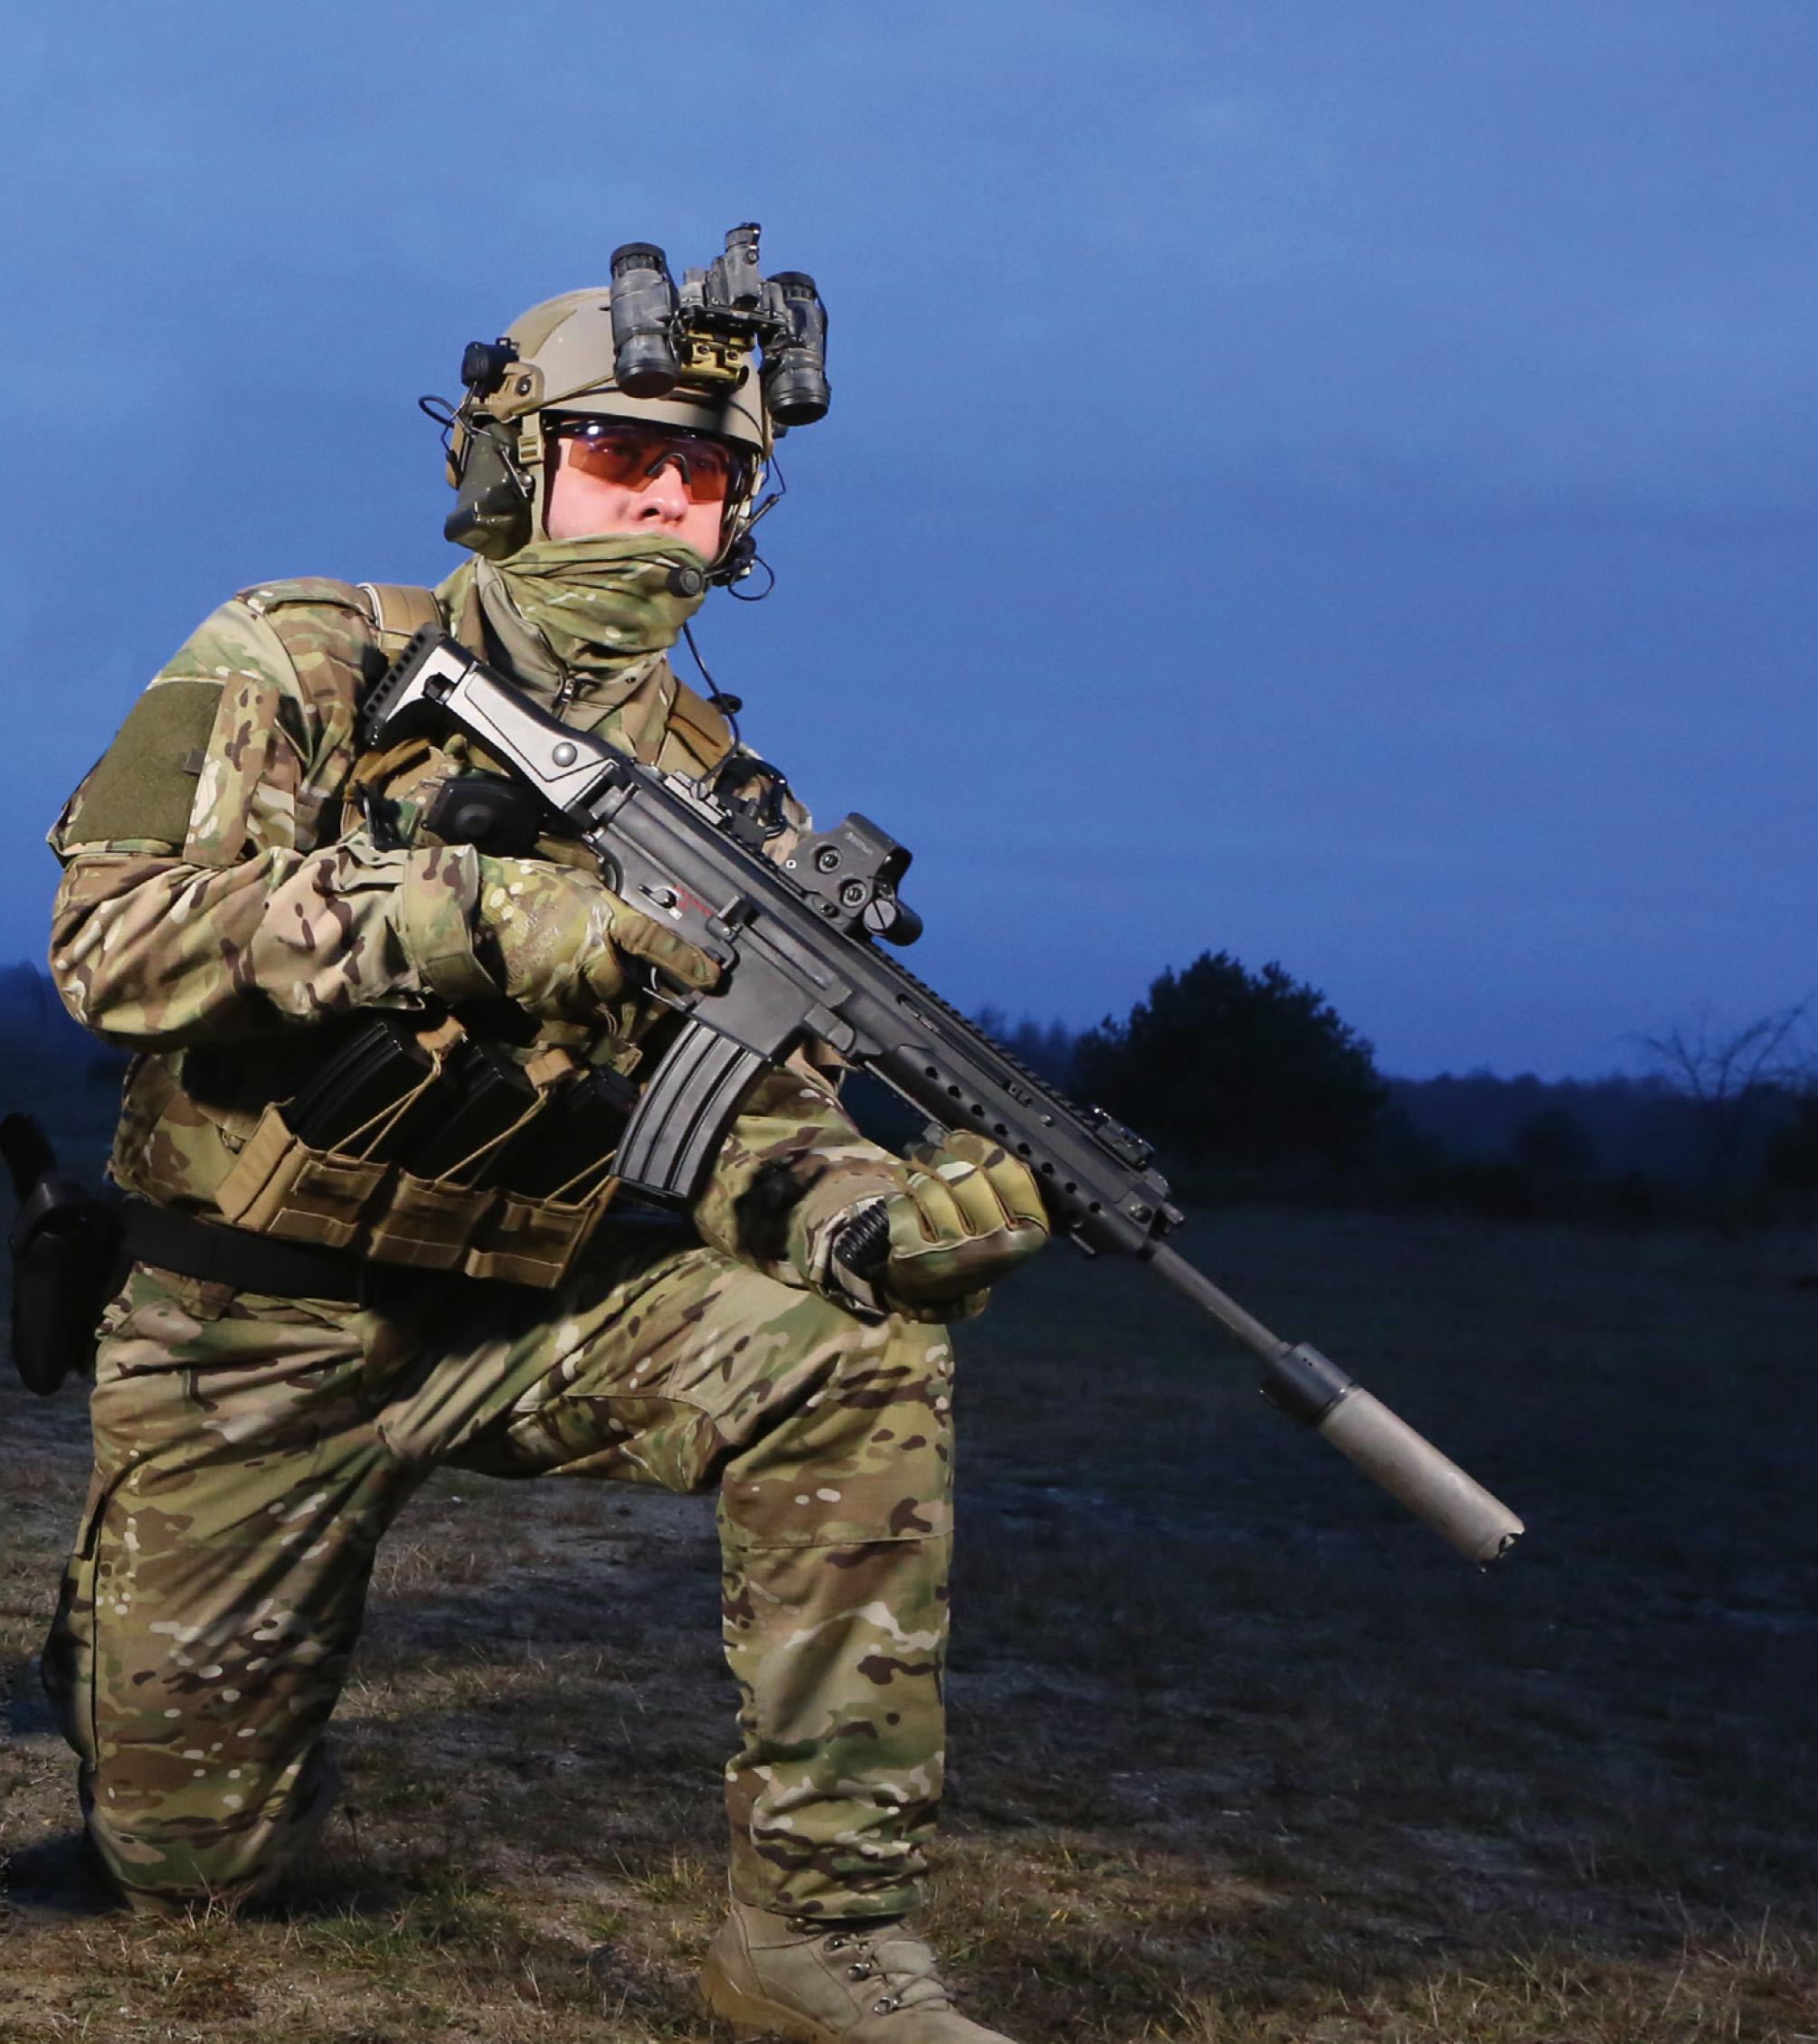 Hk 433: Sig Sauer MPX SBR (short Barreled Rifle) – BEST HOME WALLPAPER